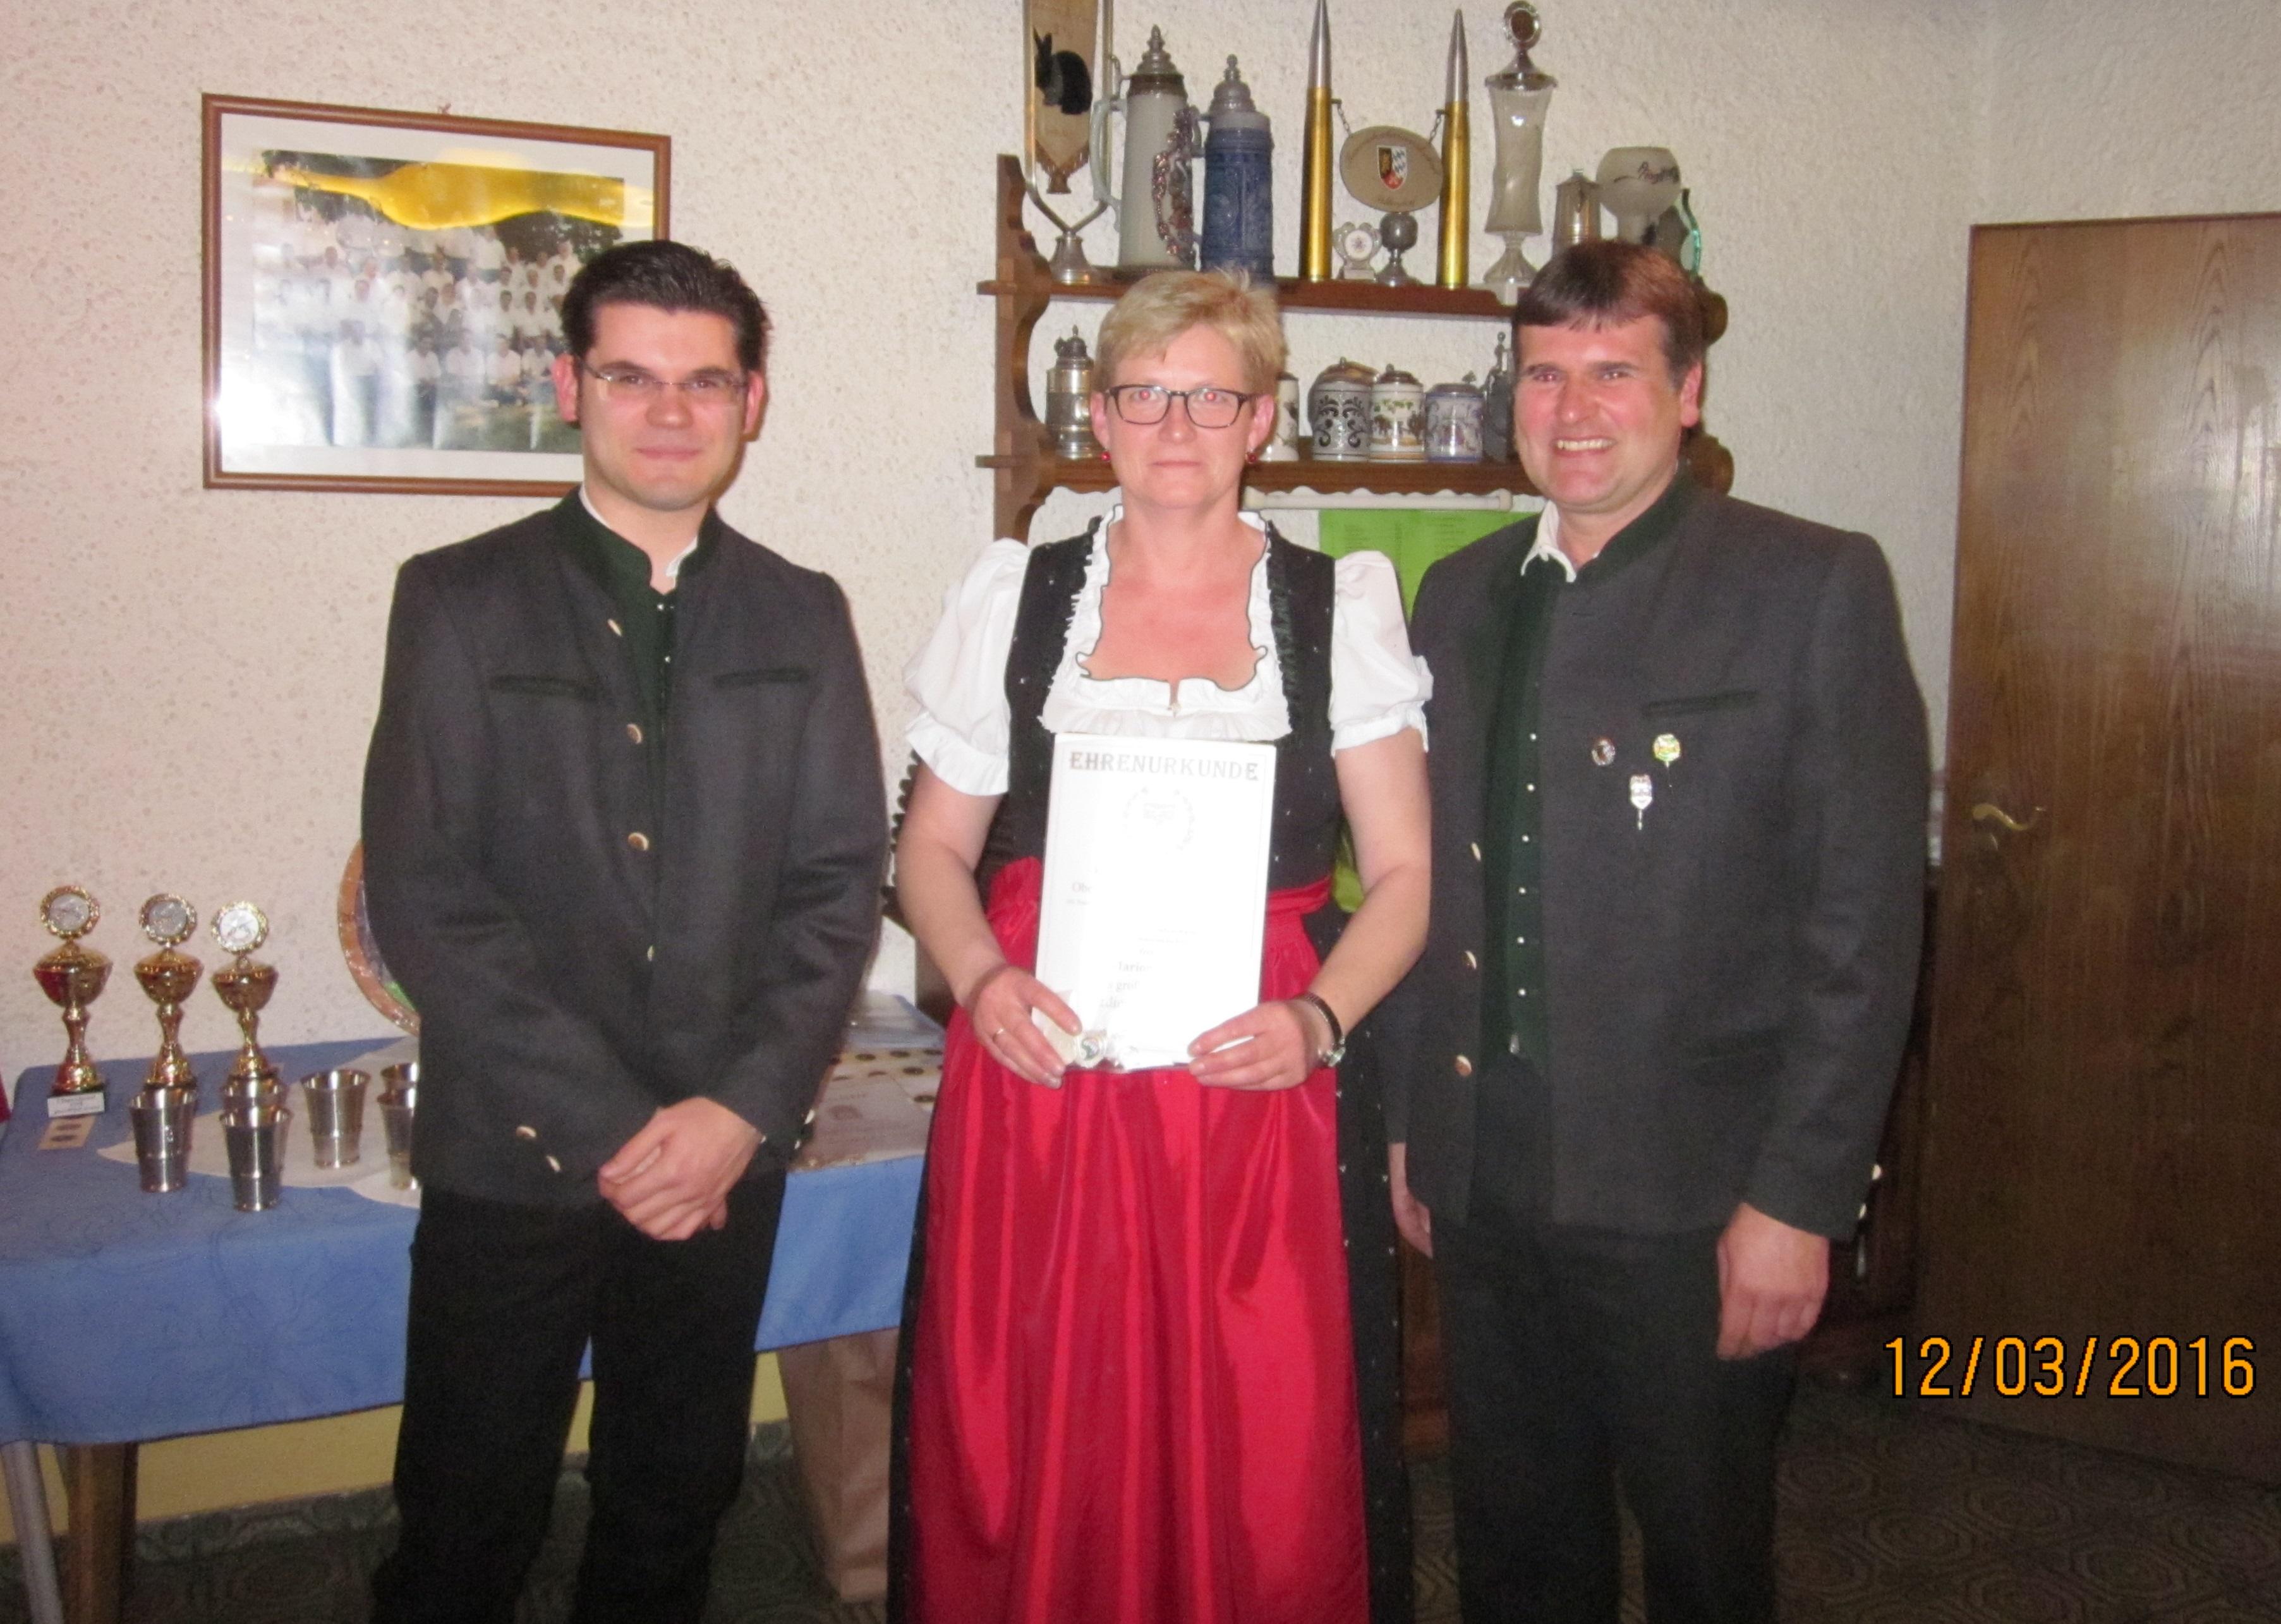 geehrt_für_ihr_Ehrenamt_und_25_J._aktive_Mitgliedschaft_im_Schützenbund-Marion_Ertl